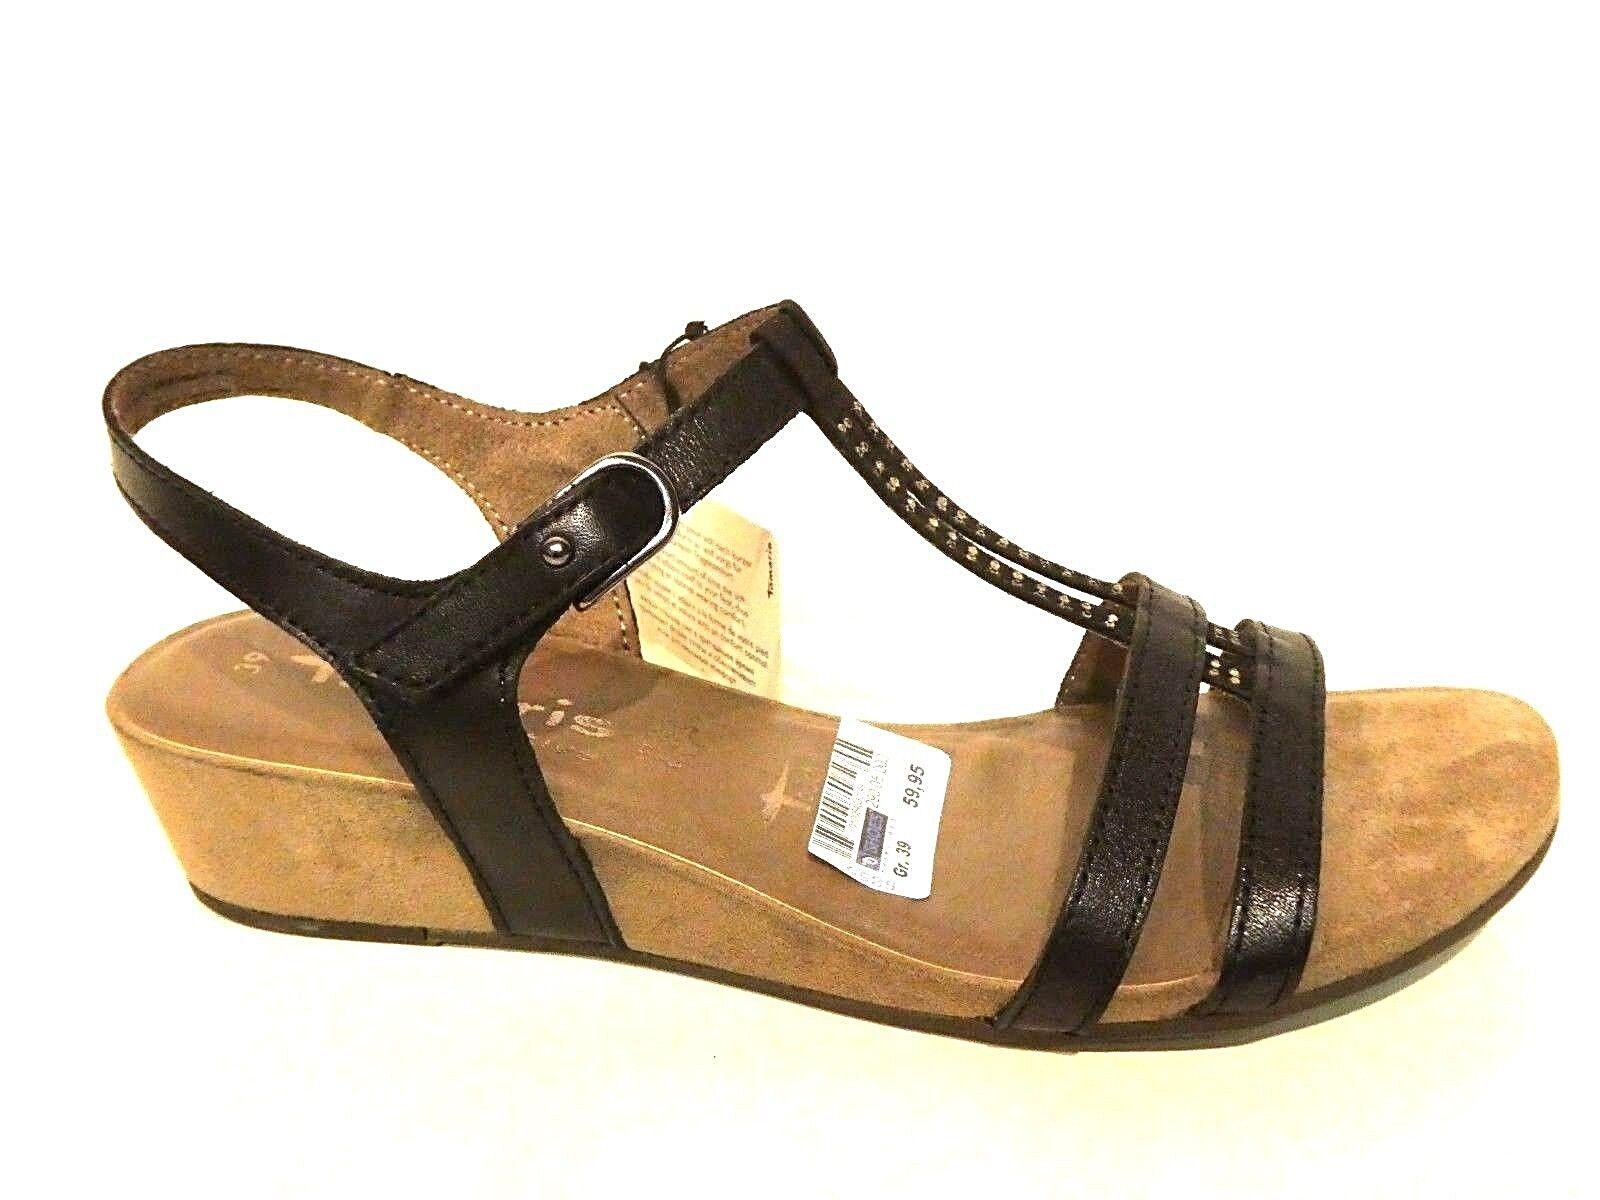 Tamaris Damen Schuhe Sandale Sandaleetten Keilabsatz elegant schwarz Leder